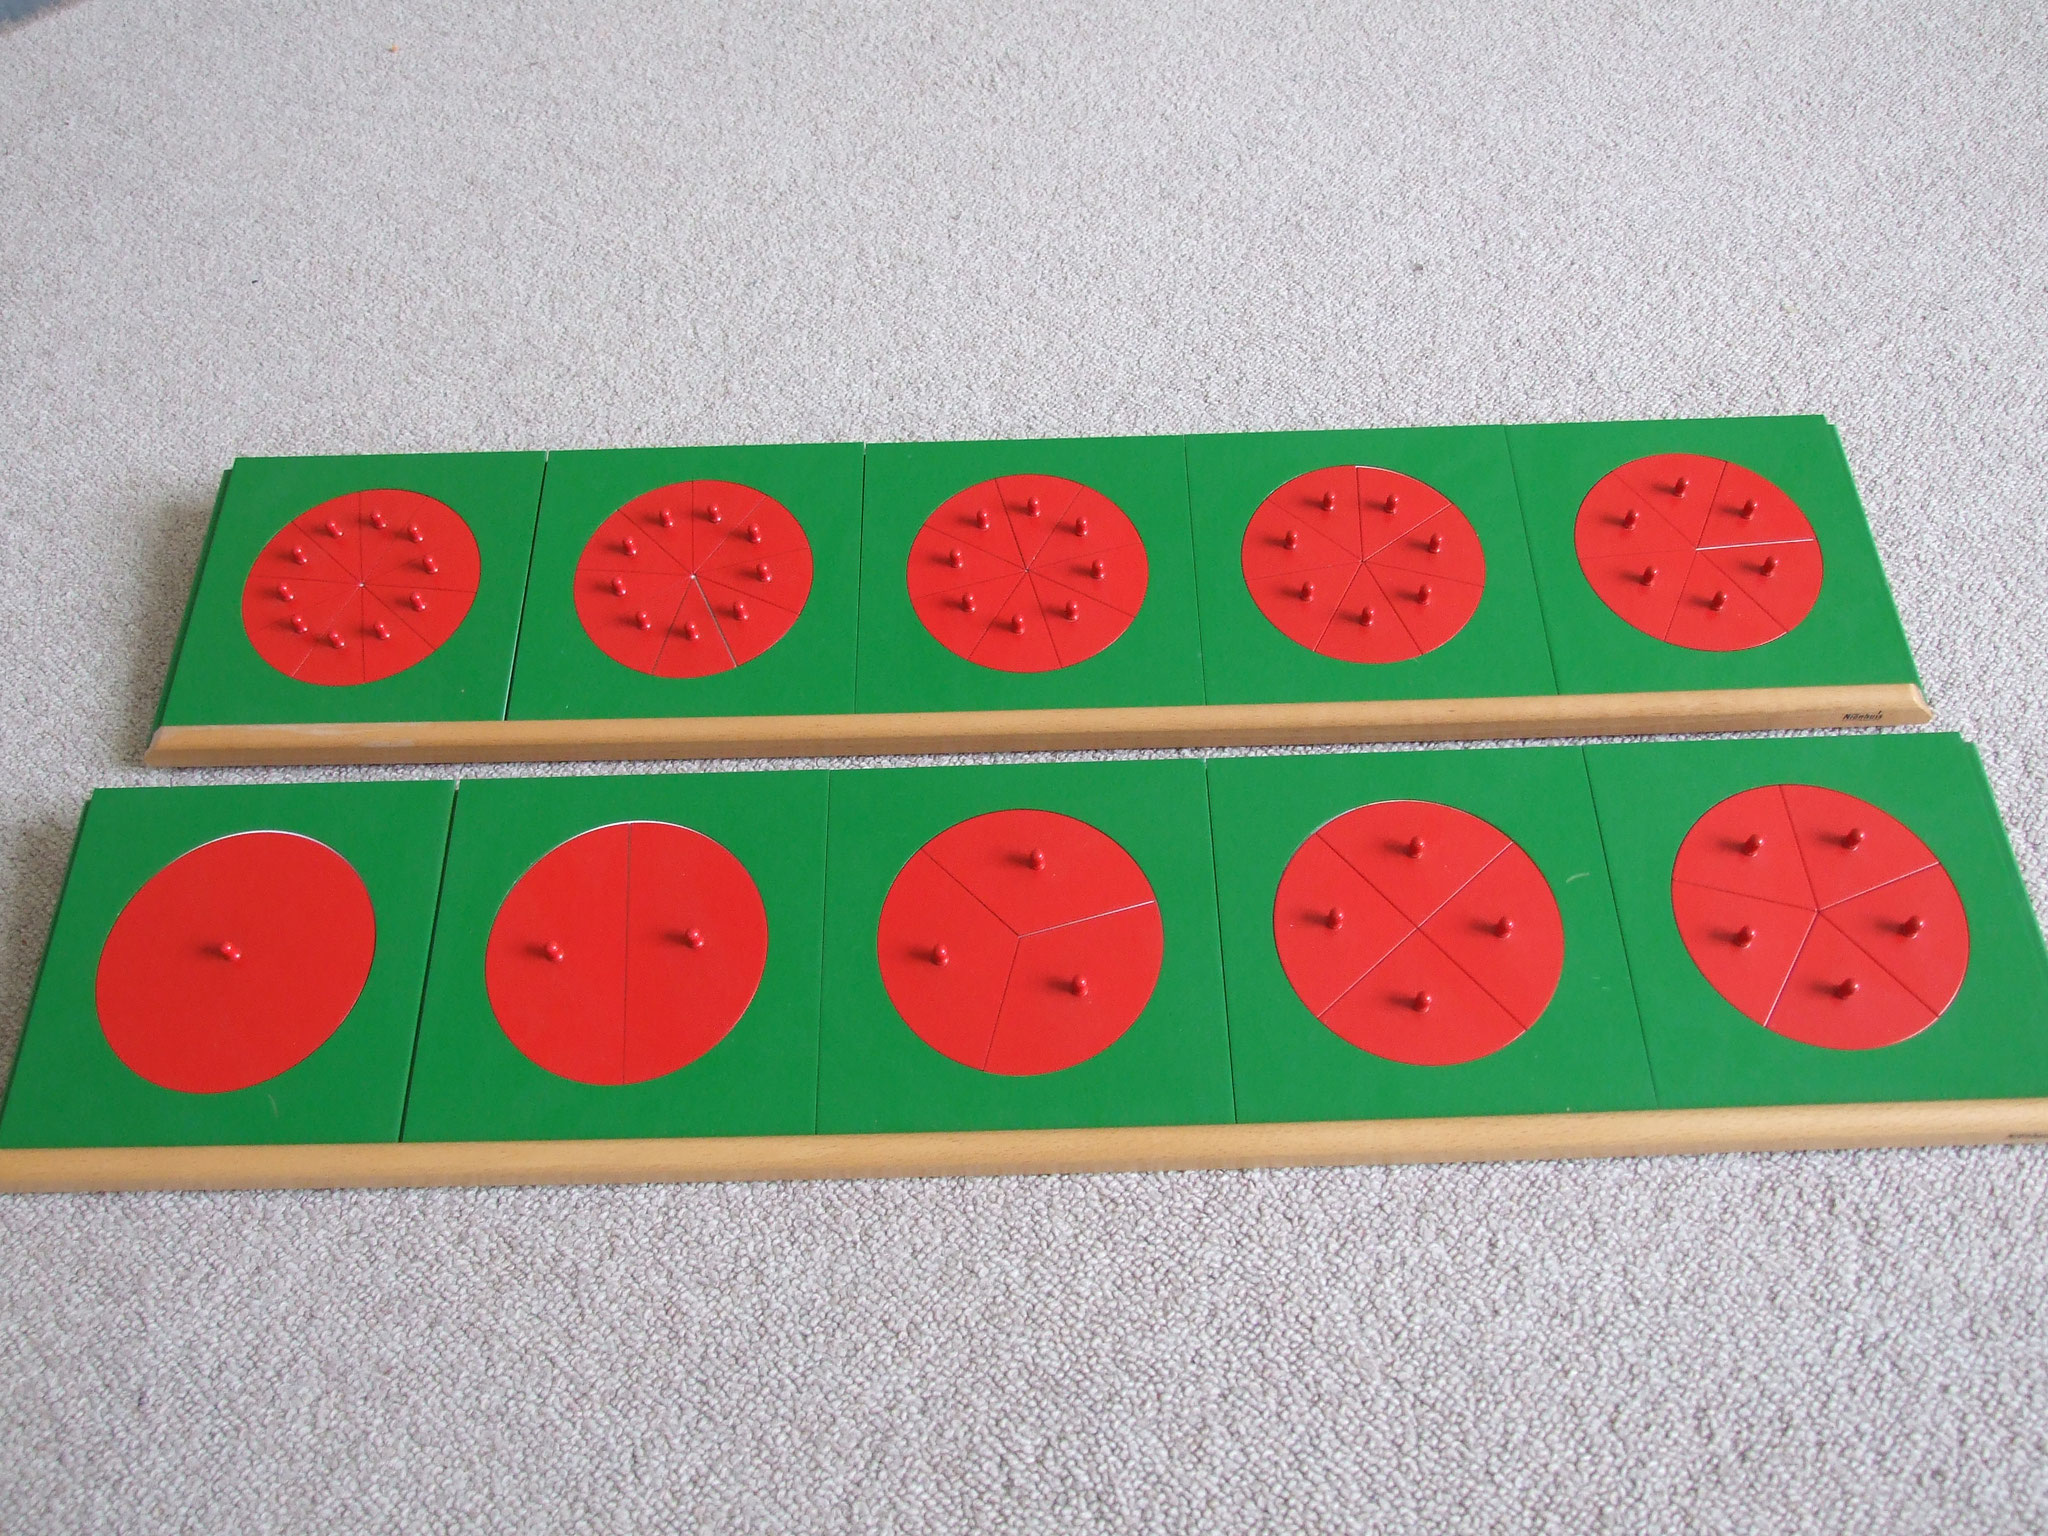 Bruchrechenmaterial, komplett (10 Bruchrechenkreise aus Metall, 2 Ständer, Kasten mit Bruchrechenkreisen aus Kunststoff, unterteilte Kegel für die Division durch Bruchzahlen)